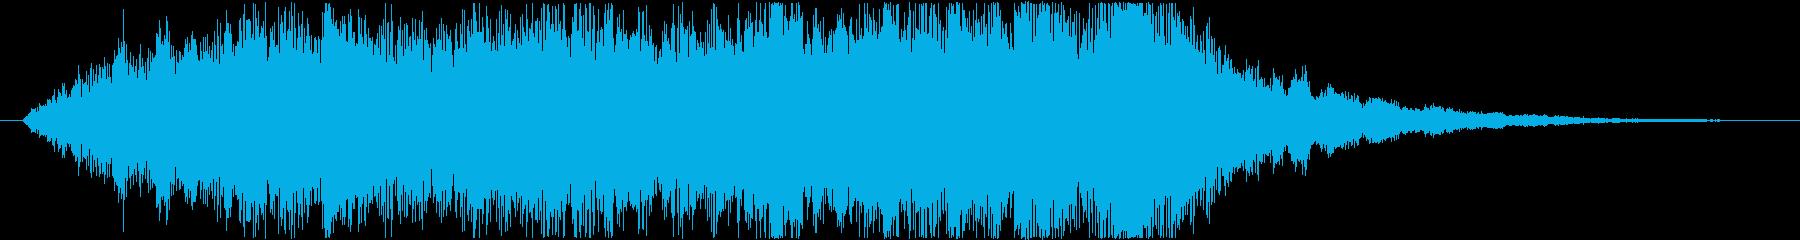 幻想的なサウンドロゴ(ジングル)の再生済みの波形